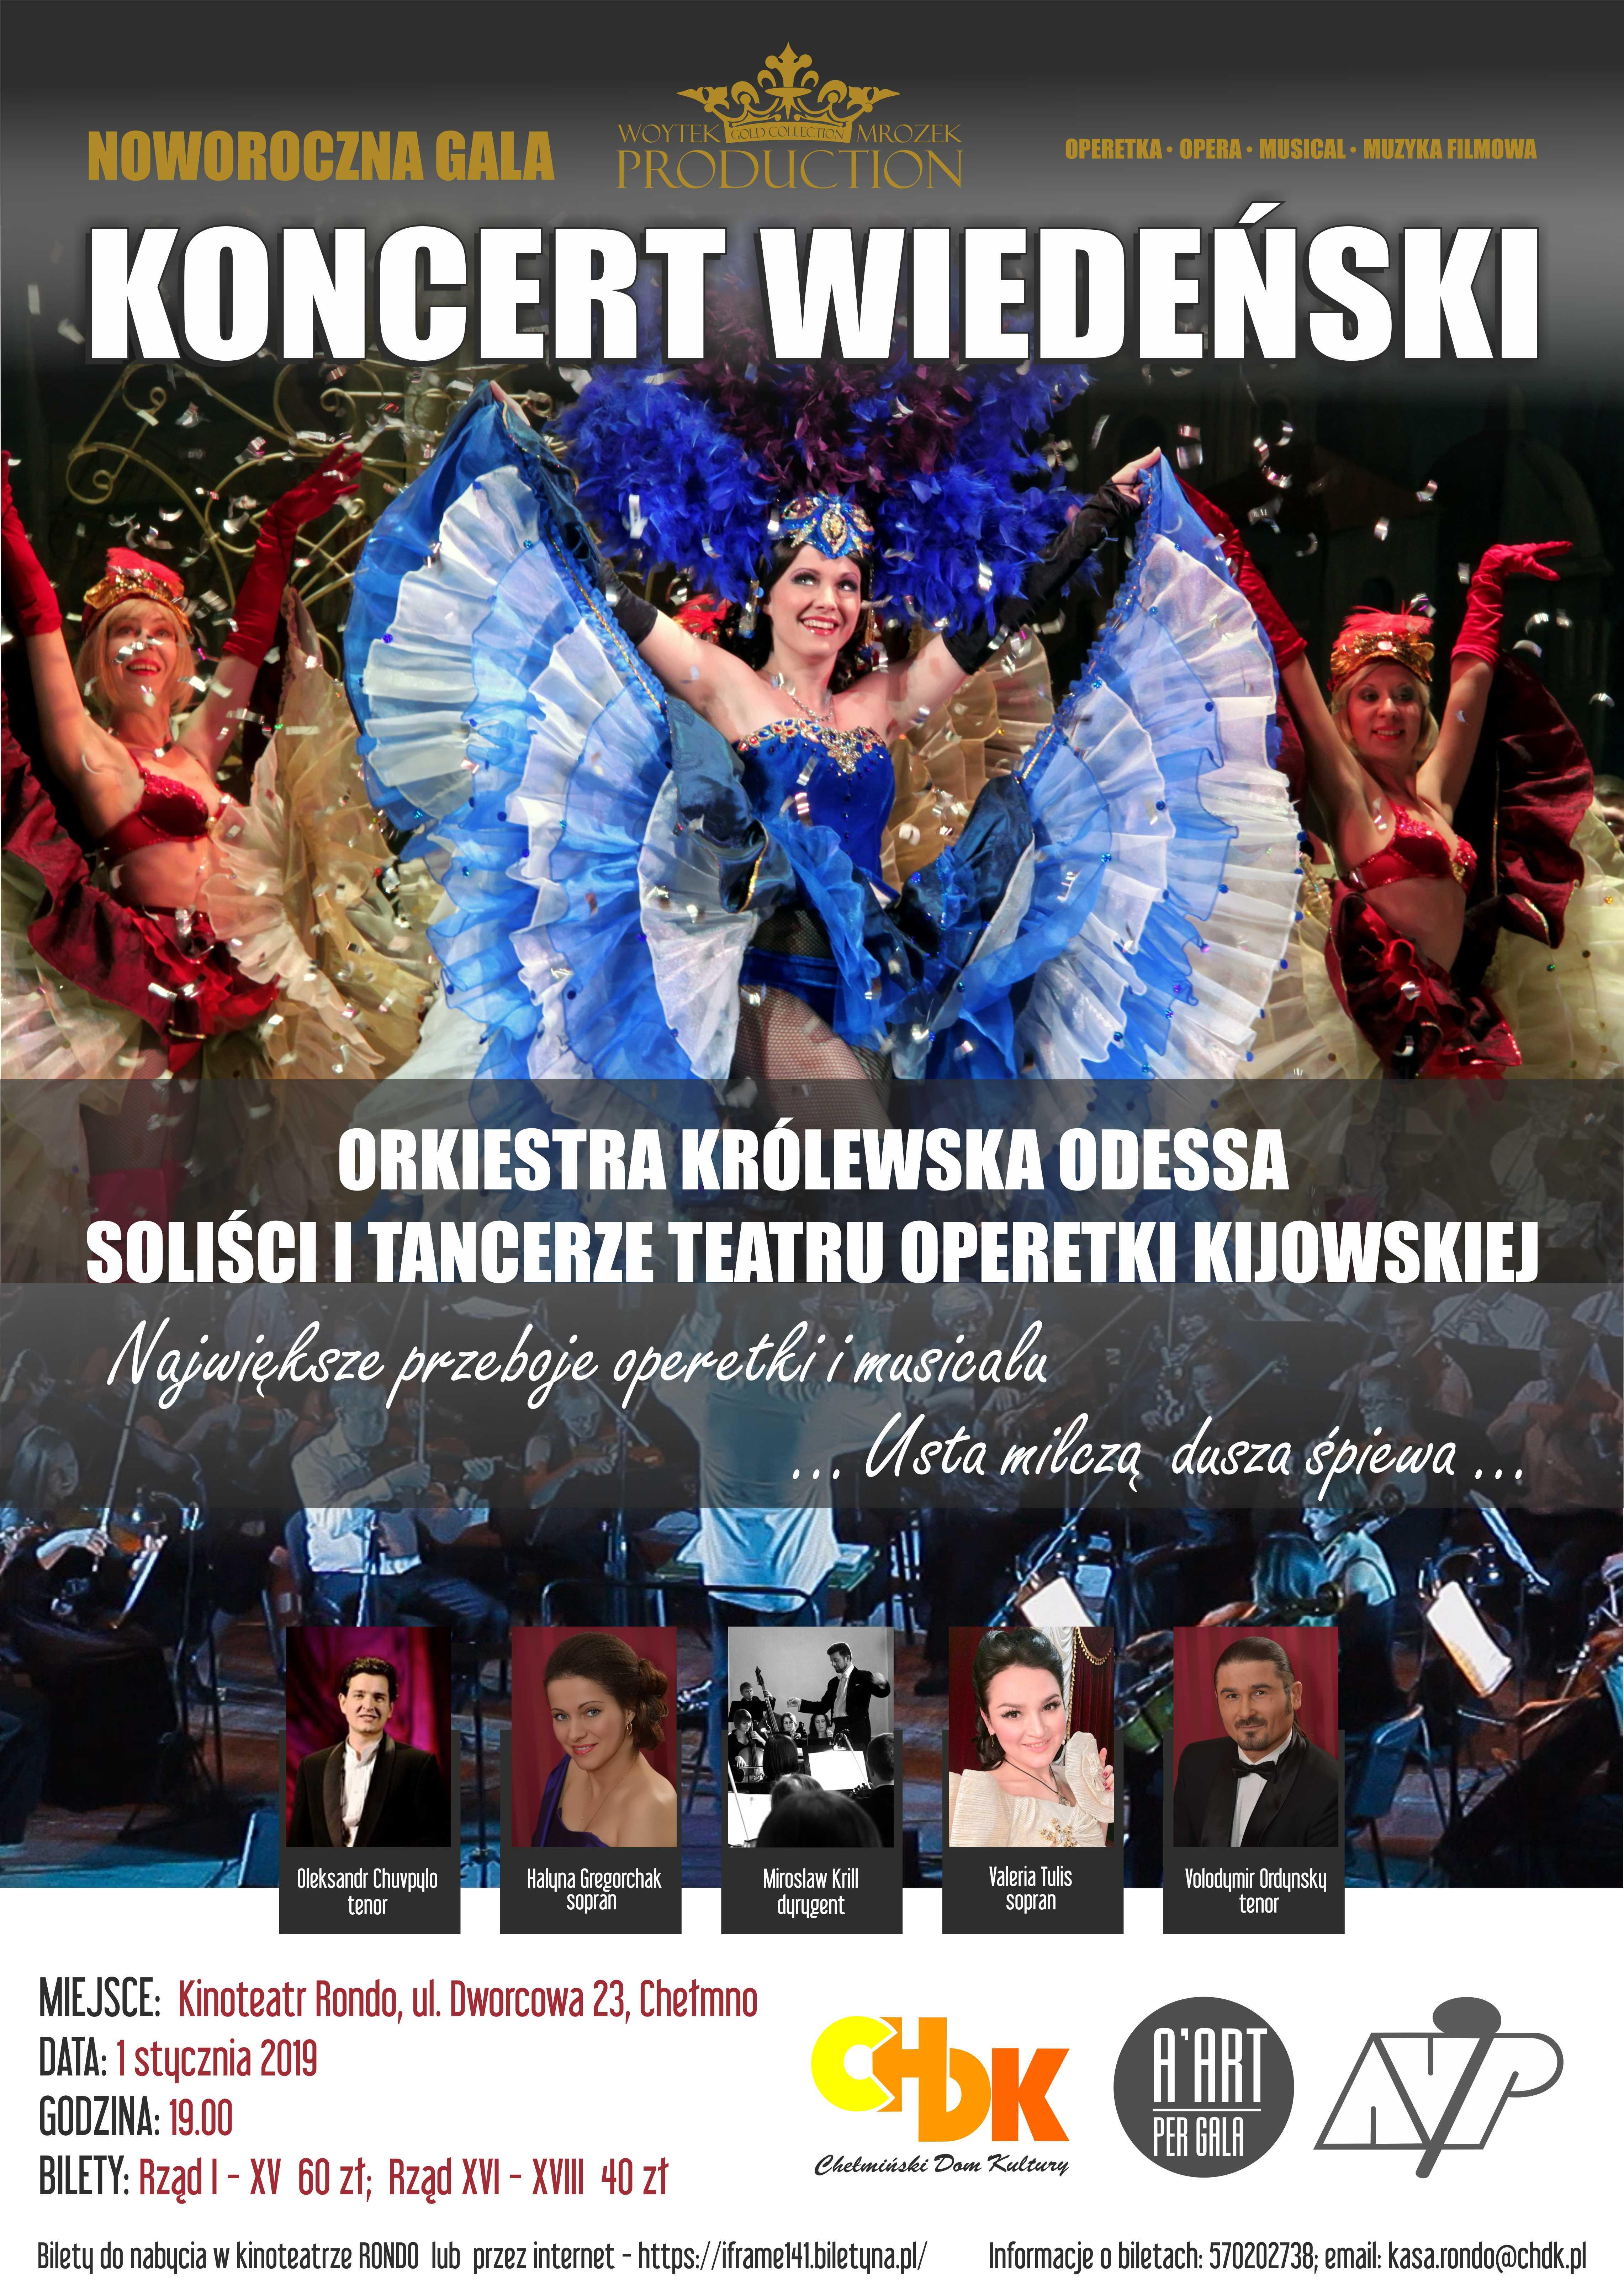 """Wiedeńska Gala Noworoczna 2019 w wykonaniu Orkiestry Królewskiej """"Odessa"""" wraz z Solistami i Tancerzami Narodowej Operetki w Kijowie"""